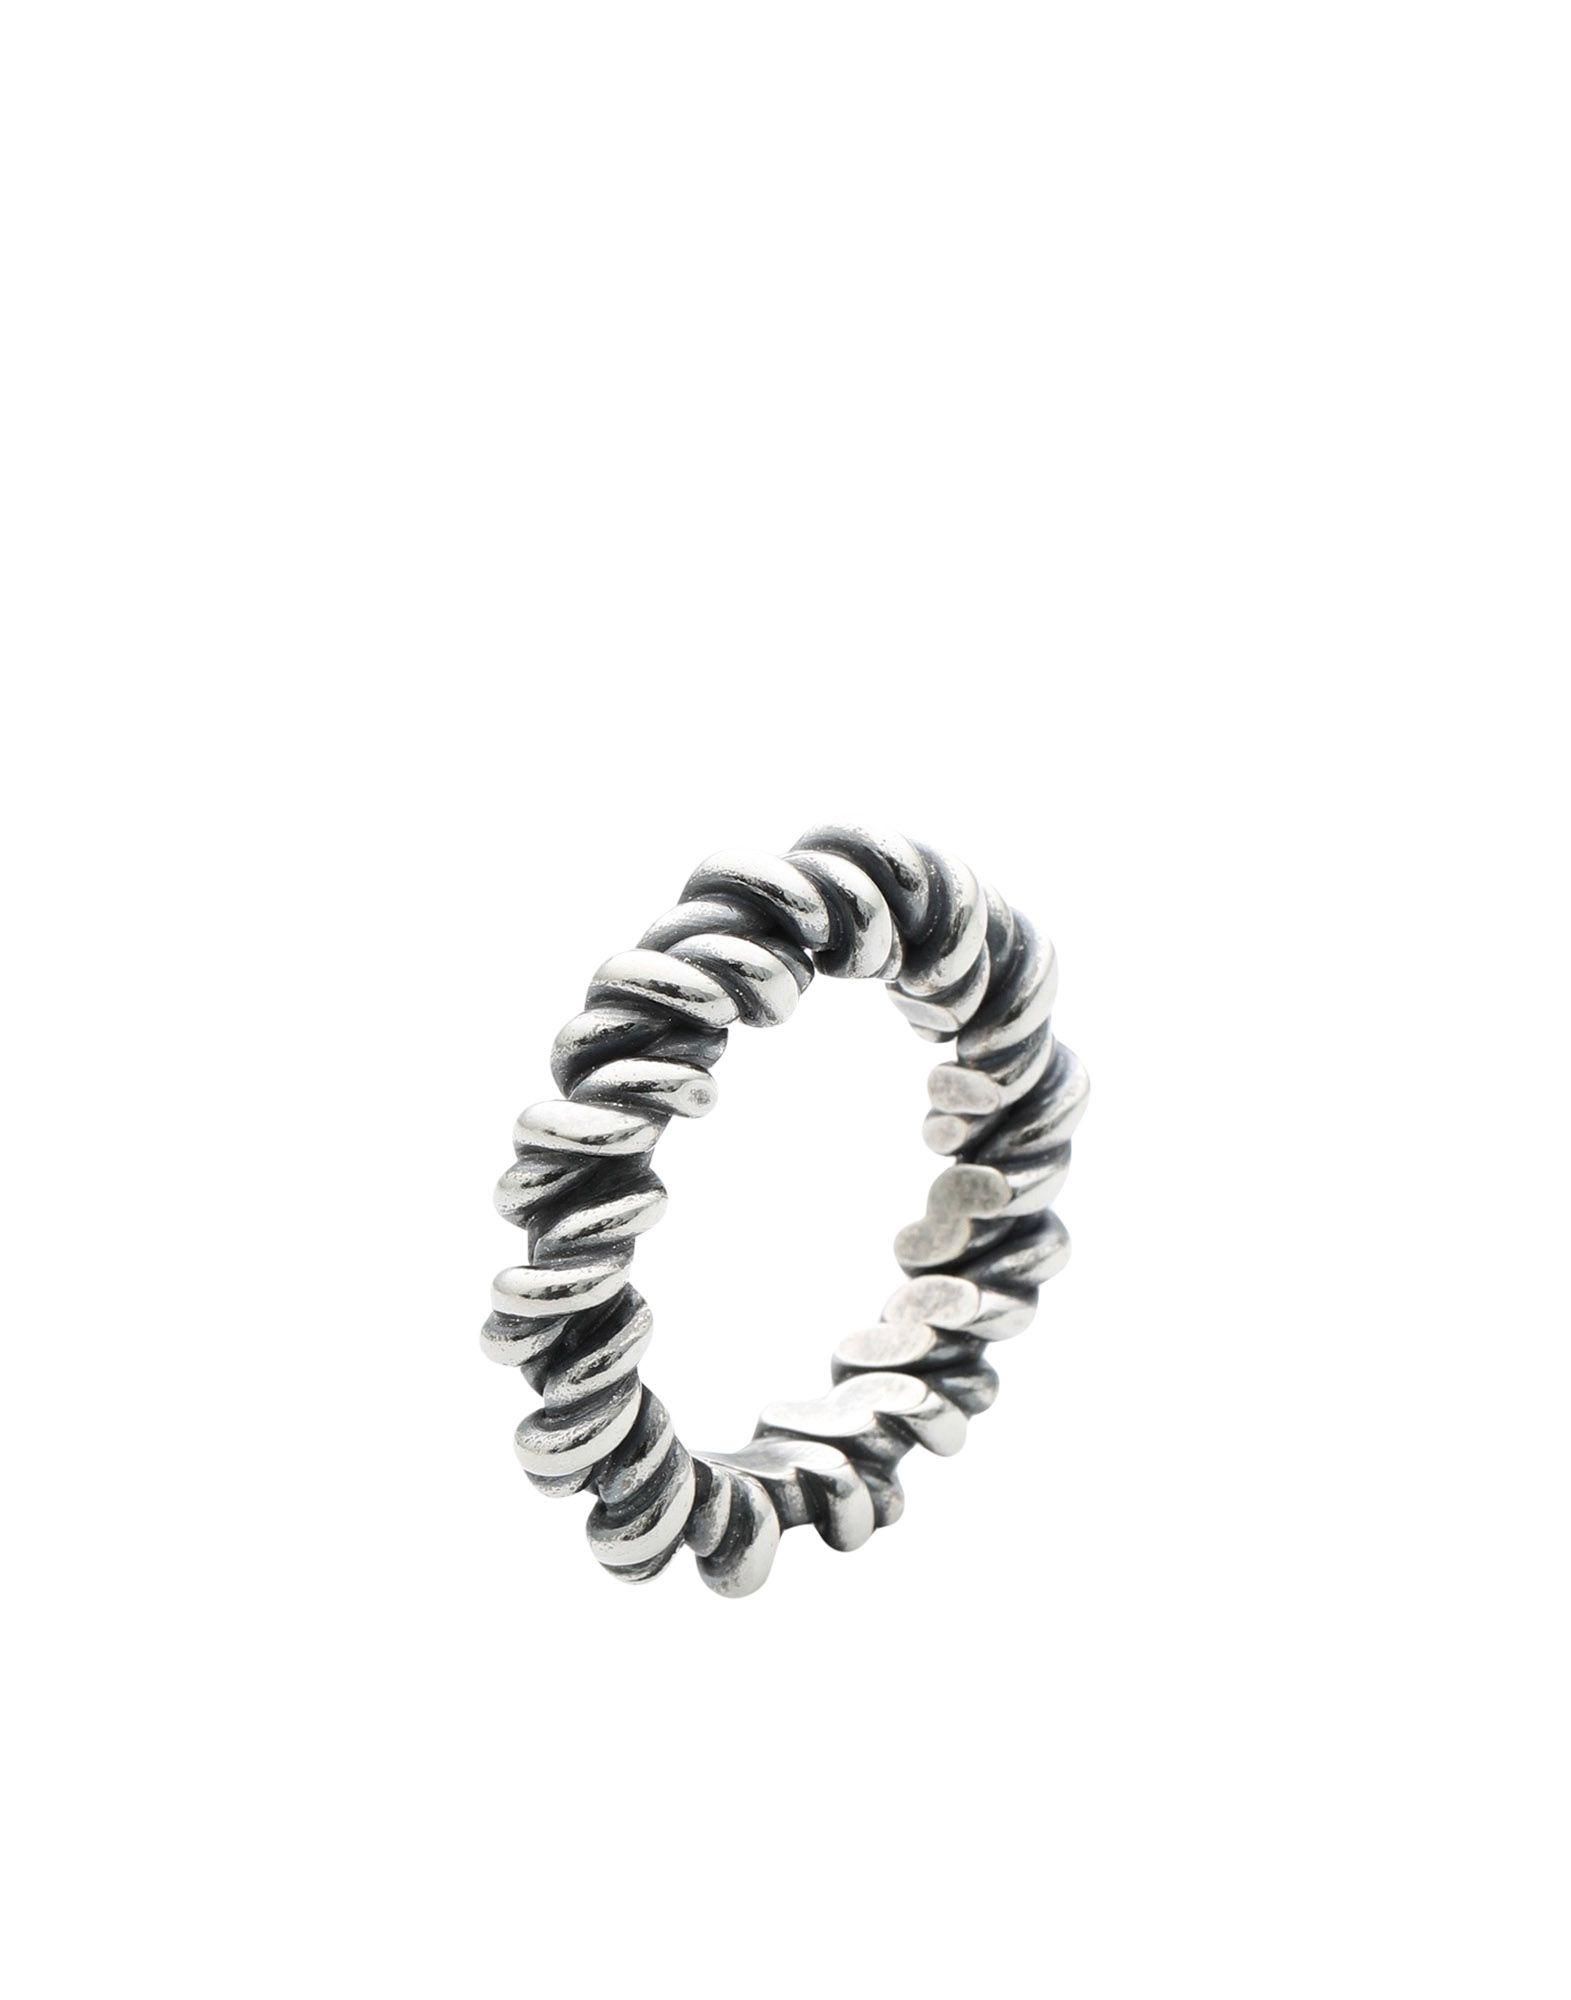 《期間限定 セール開催中》UGO CACCIATORI メンズ 指輪 シルバー 7.5 シルバー925/1000 TORCETTO RING